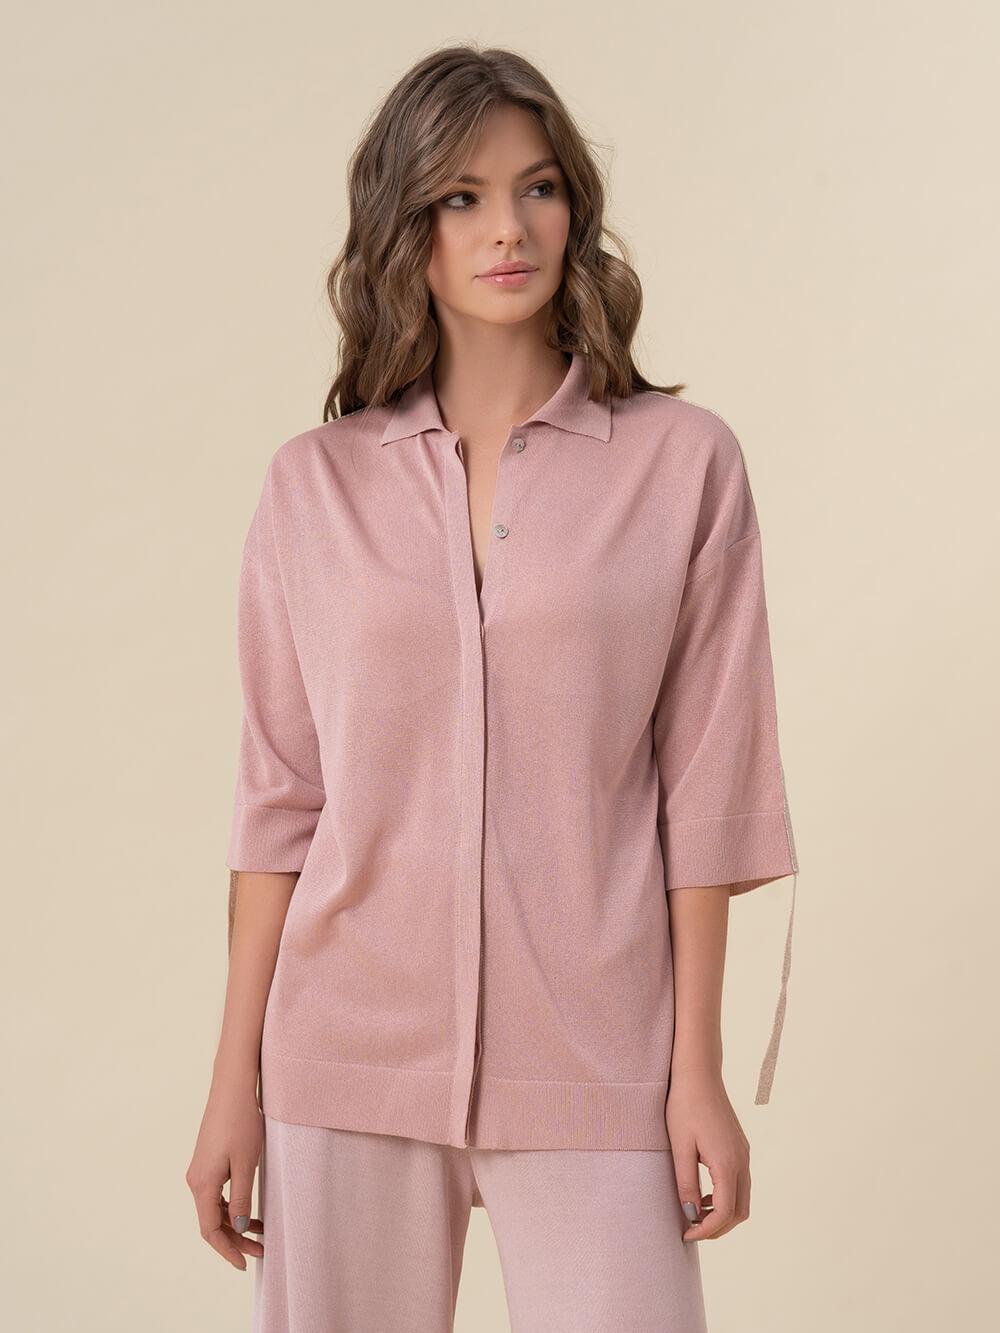 Женский джемпер светло-розового цвета из вискозы - фото 1